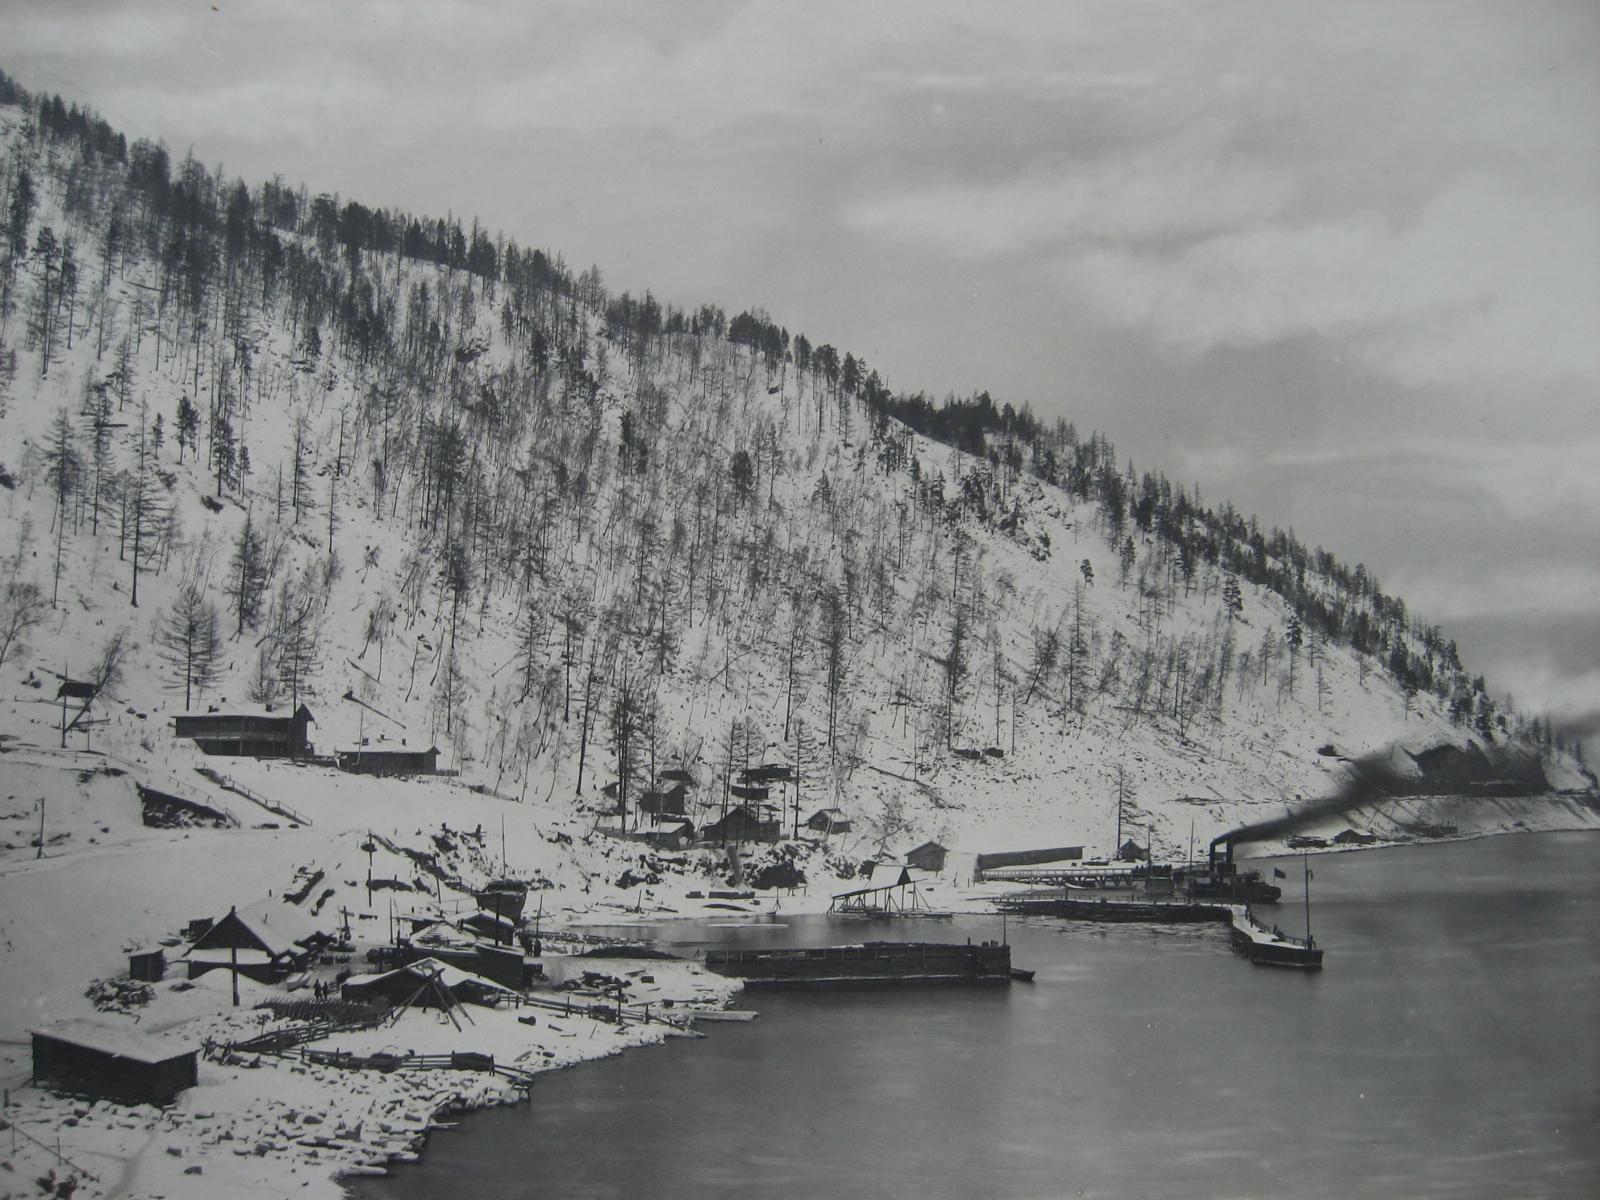 61. Поселок строителей и временная зимняя стоянка судов. Фото 1901 года.